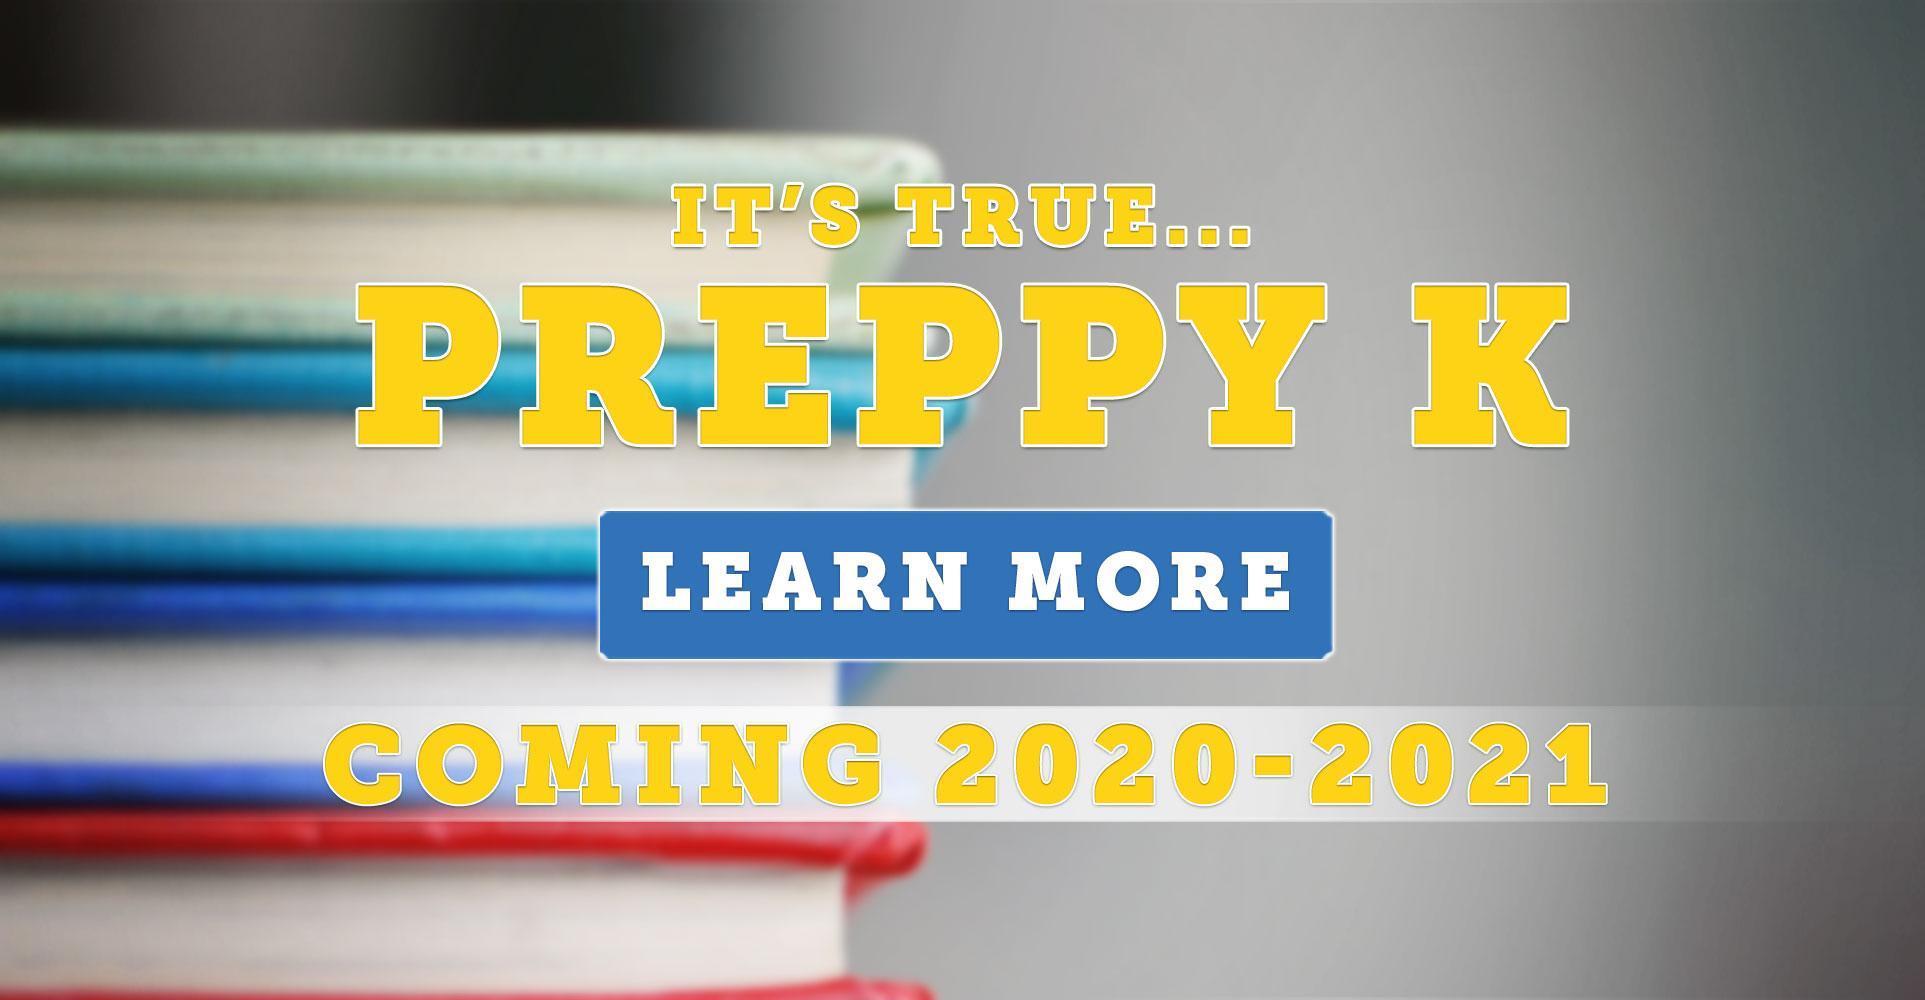 Preppy K Announcement